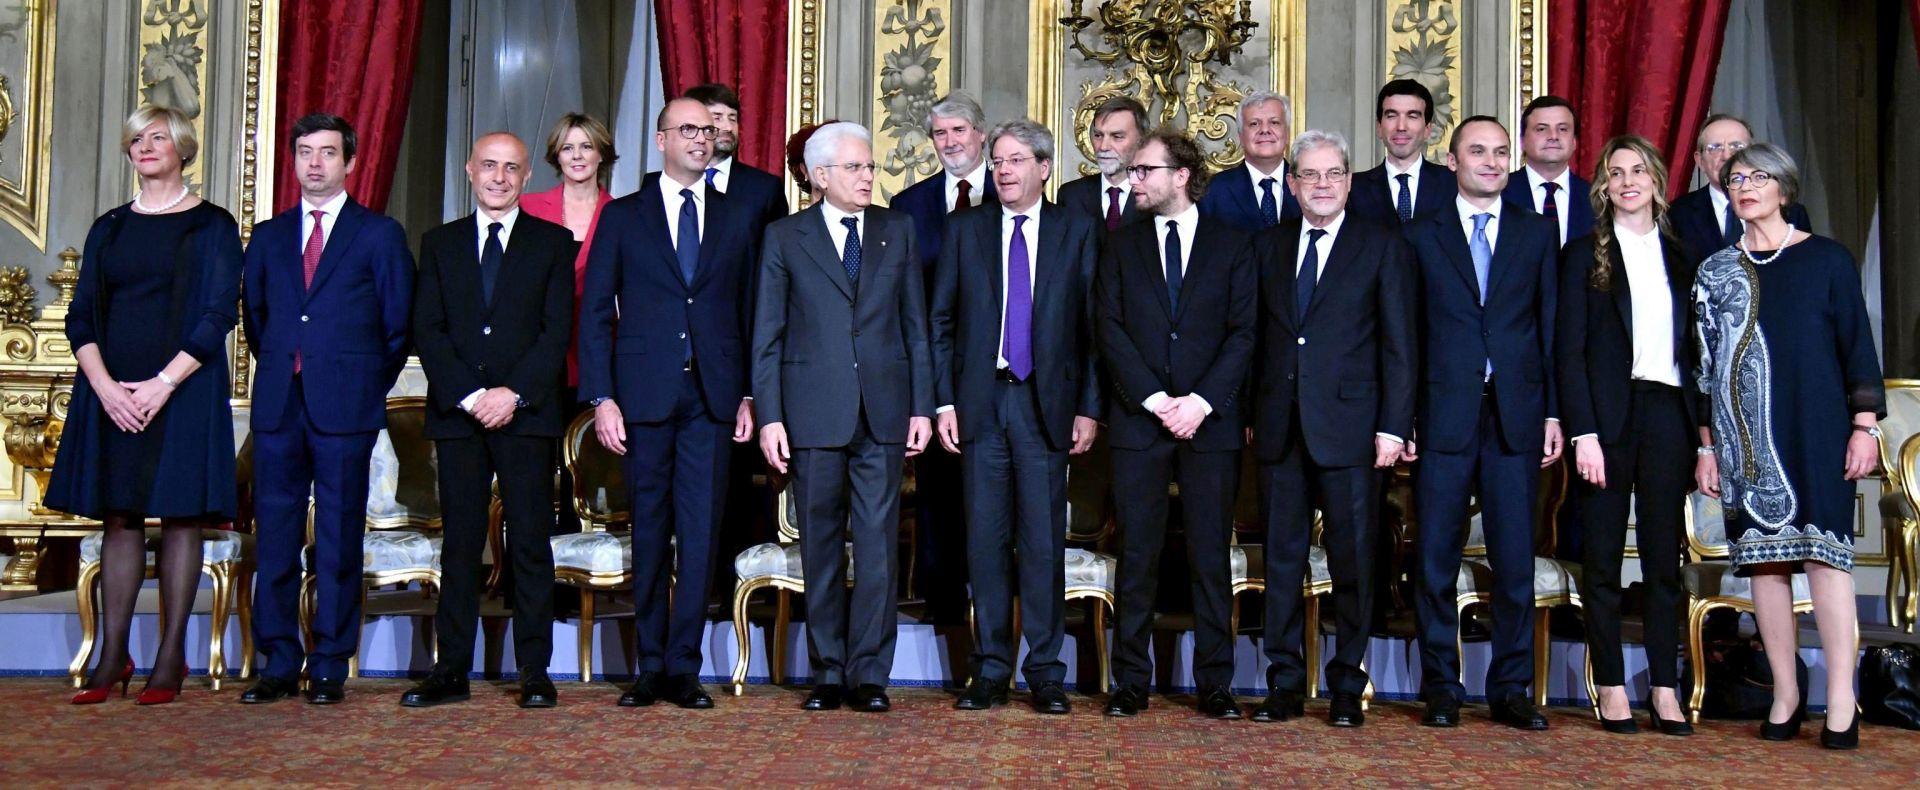 ITALIJA Moguća koalicija ljevice i desnice